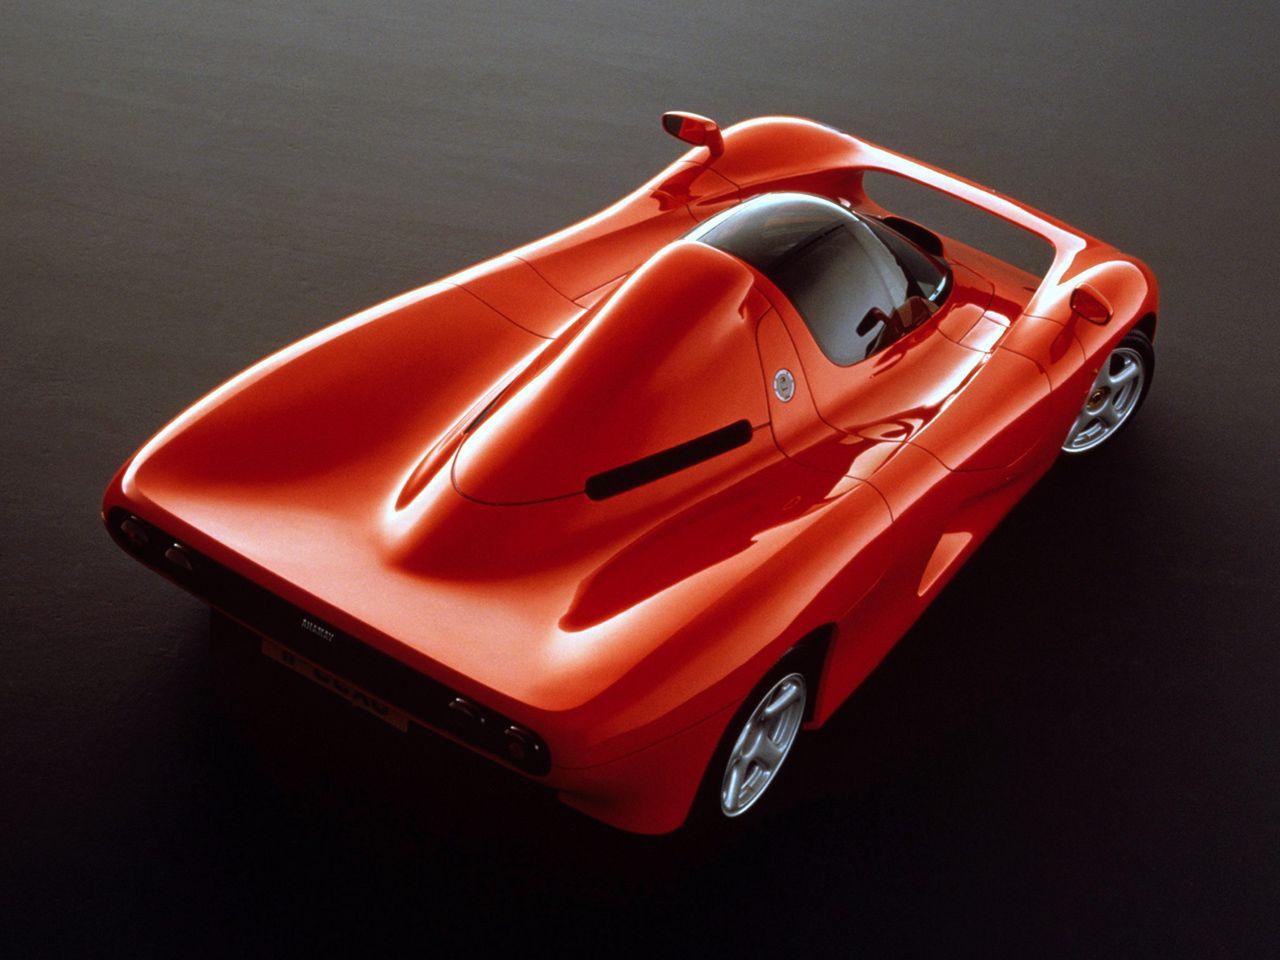 Lancia Delta S4 Group B (1986) – 2.3 sec Dauer 962 LM Road Car (1994-1996) – 2.8 sec Porsche 935-02...